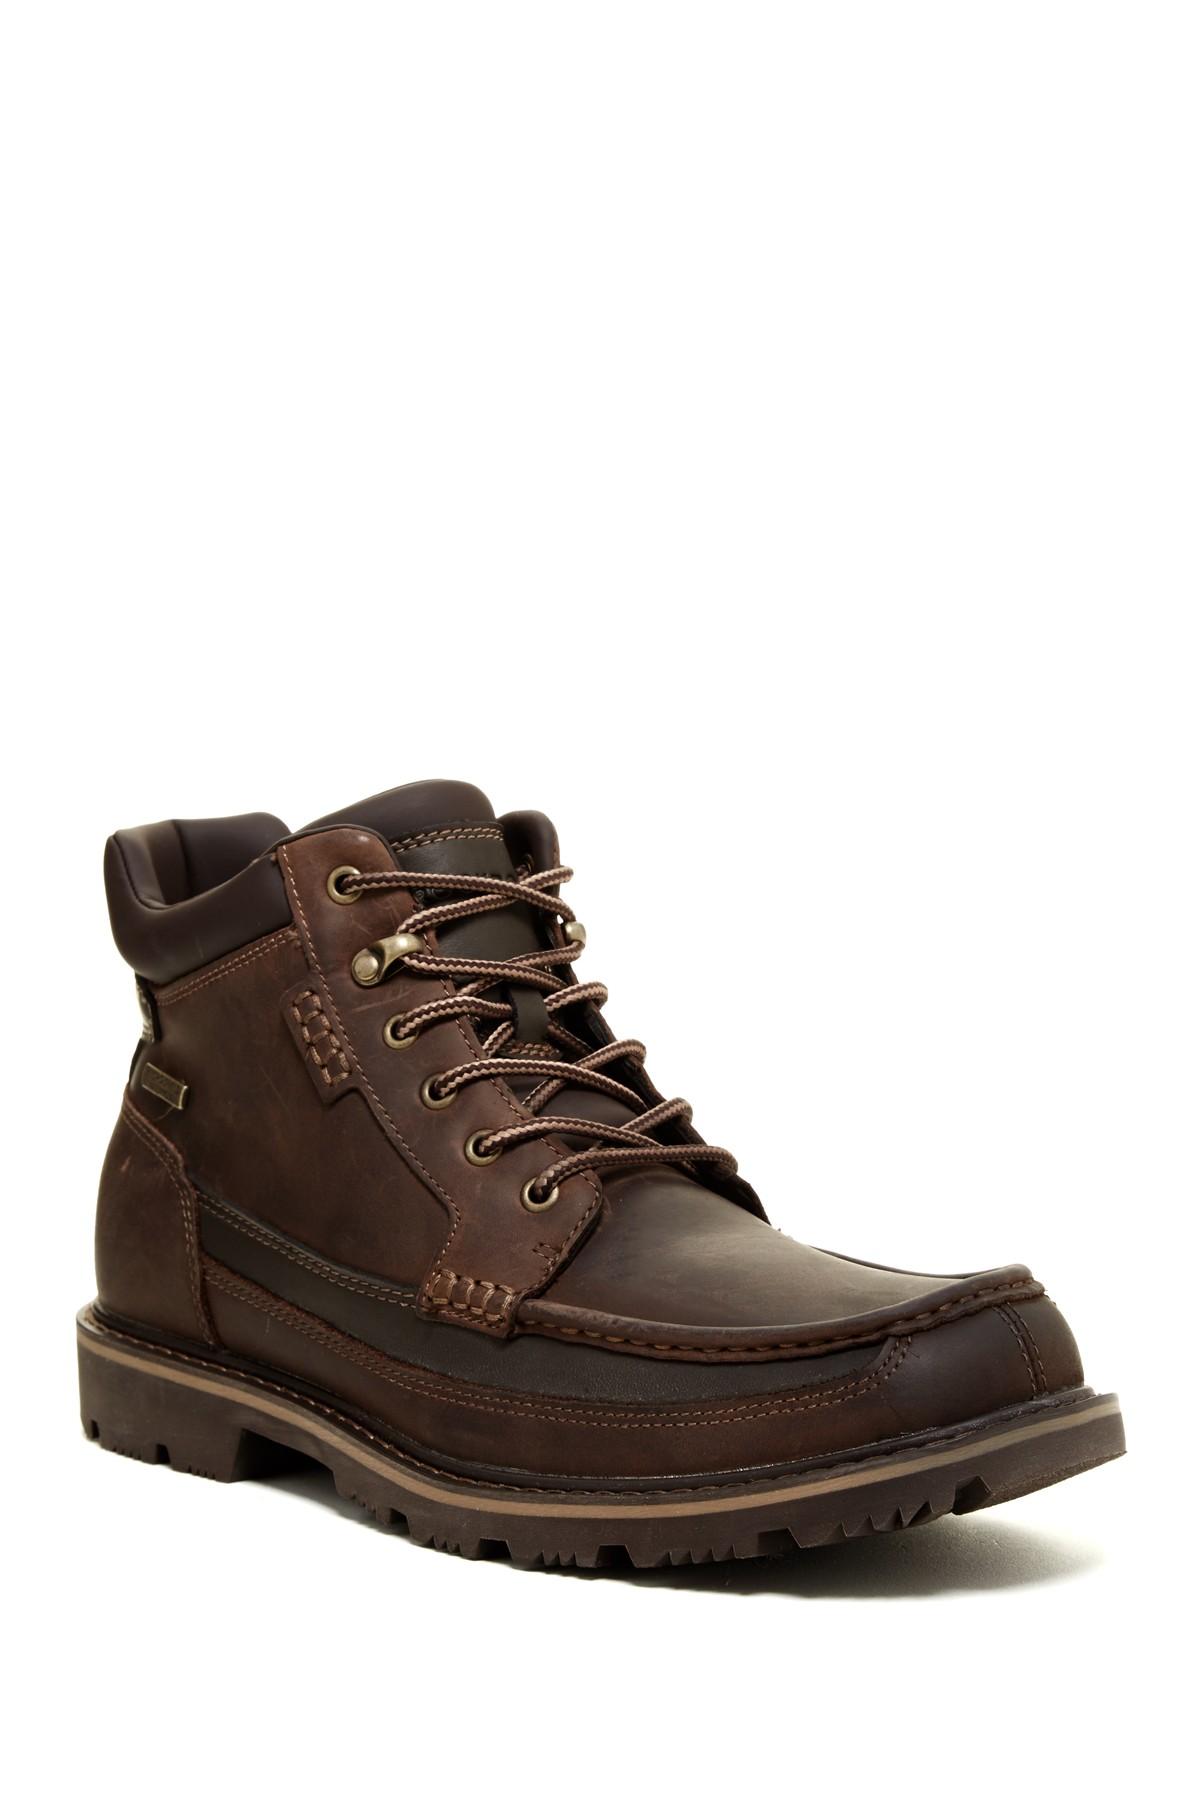 Nordstrom Rack Men S Rockport Gb Moc Mid Waterproof Boots